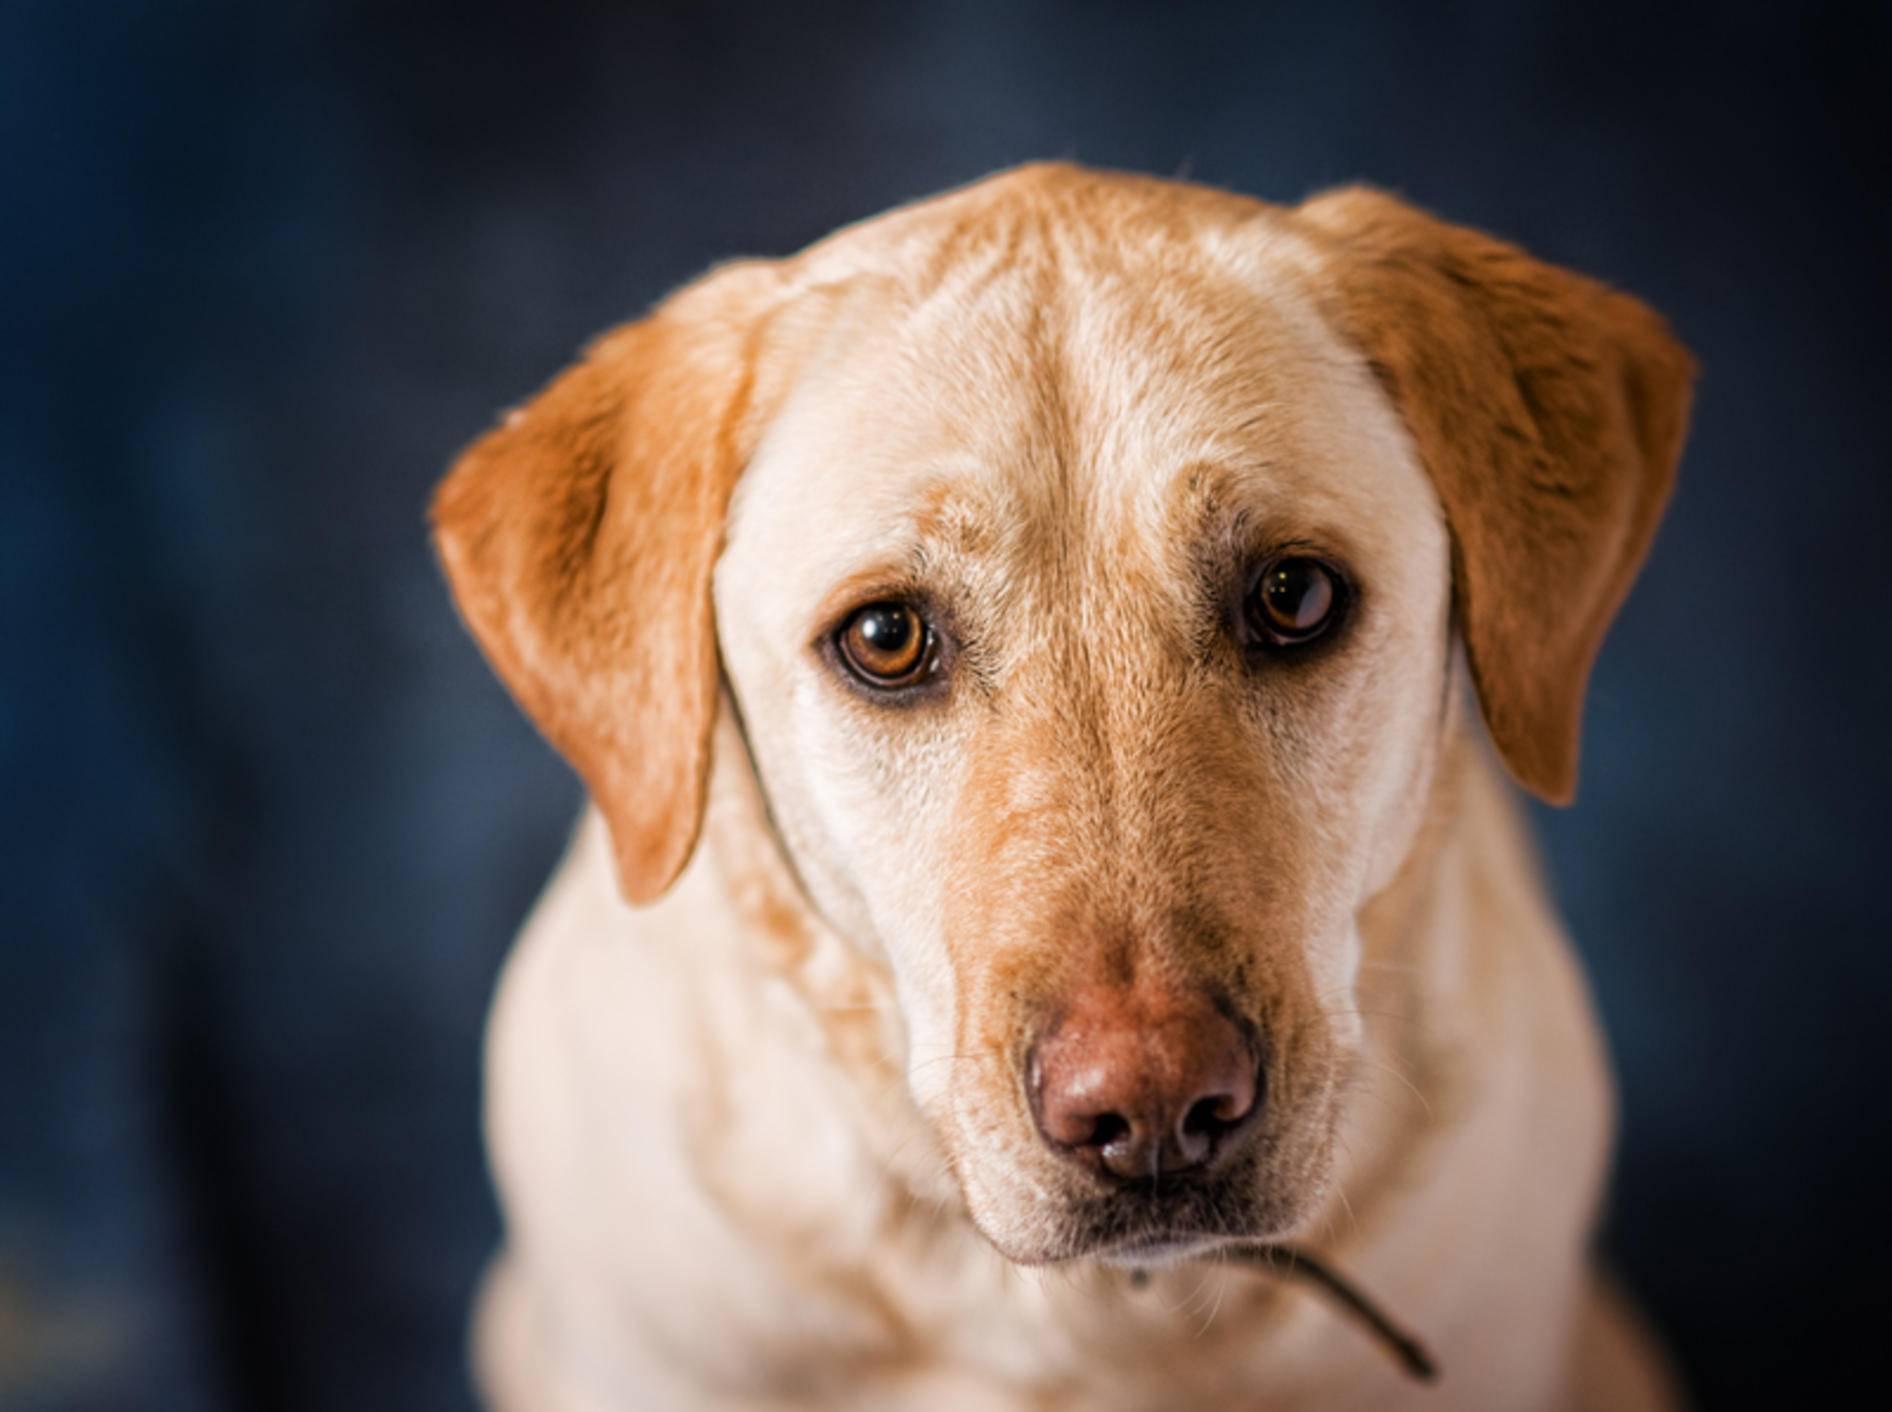 Eine Verstopfung ist für den Hund sehr unangenehm – Bild: Shutterstock / sianc